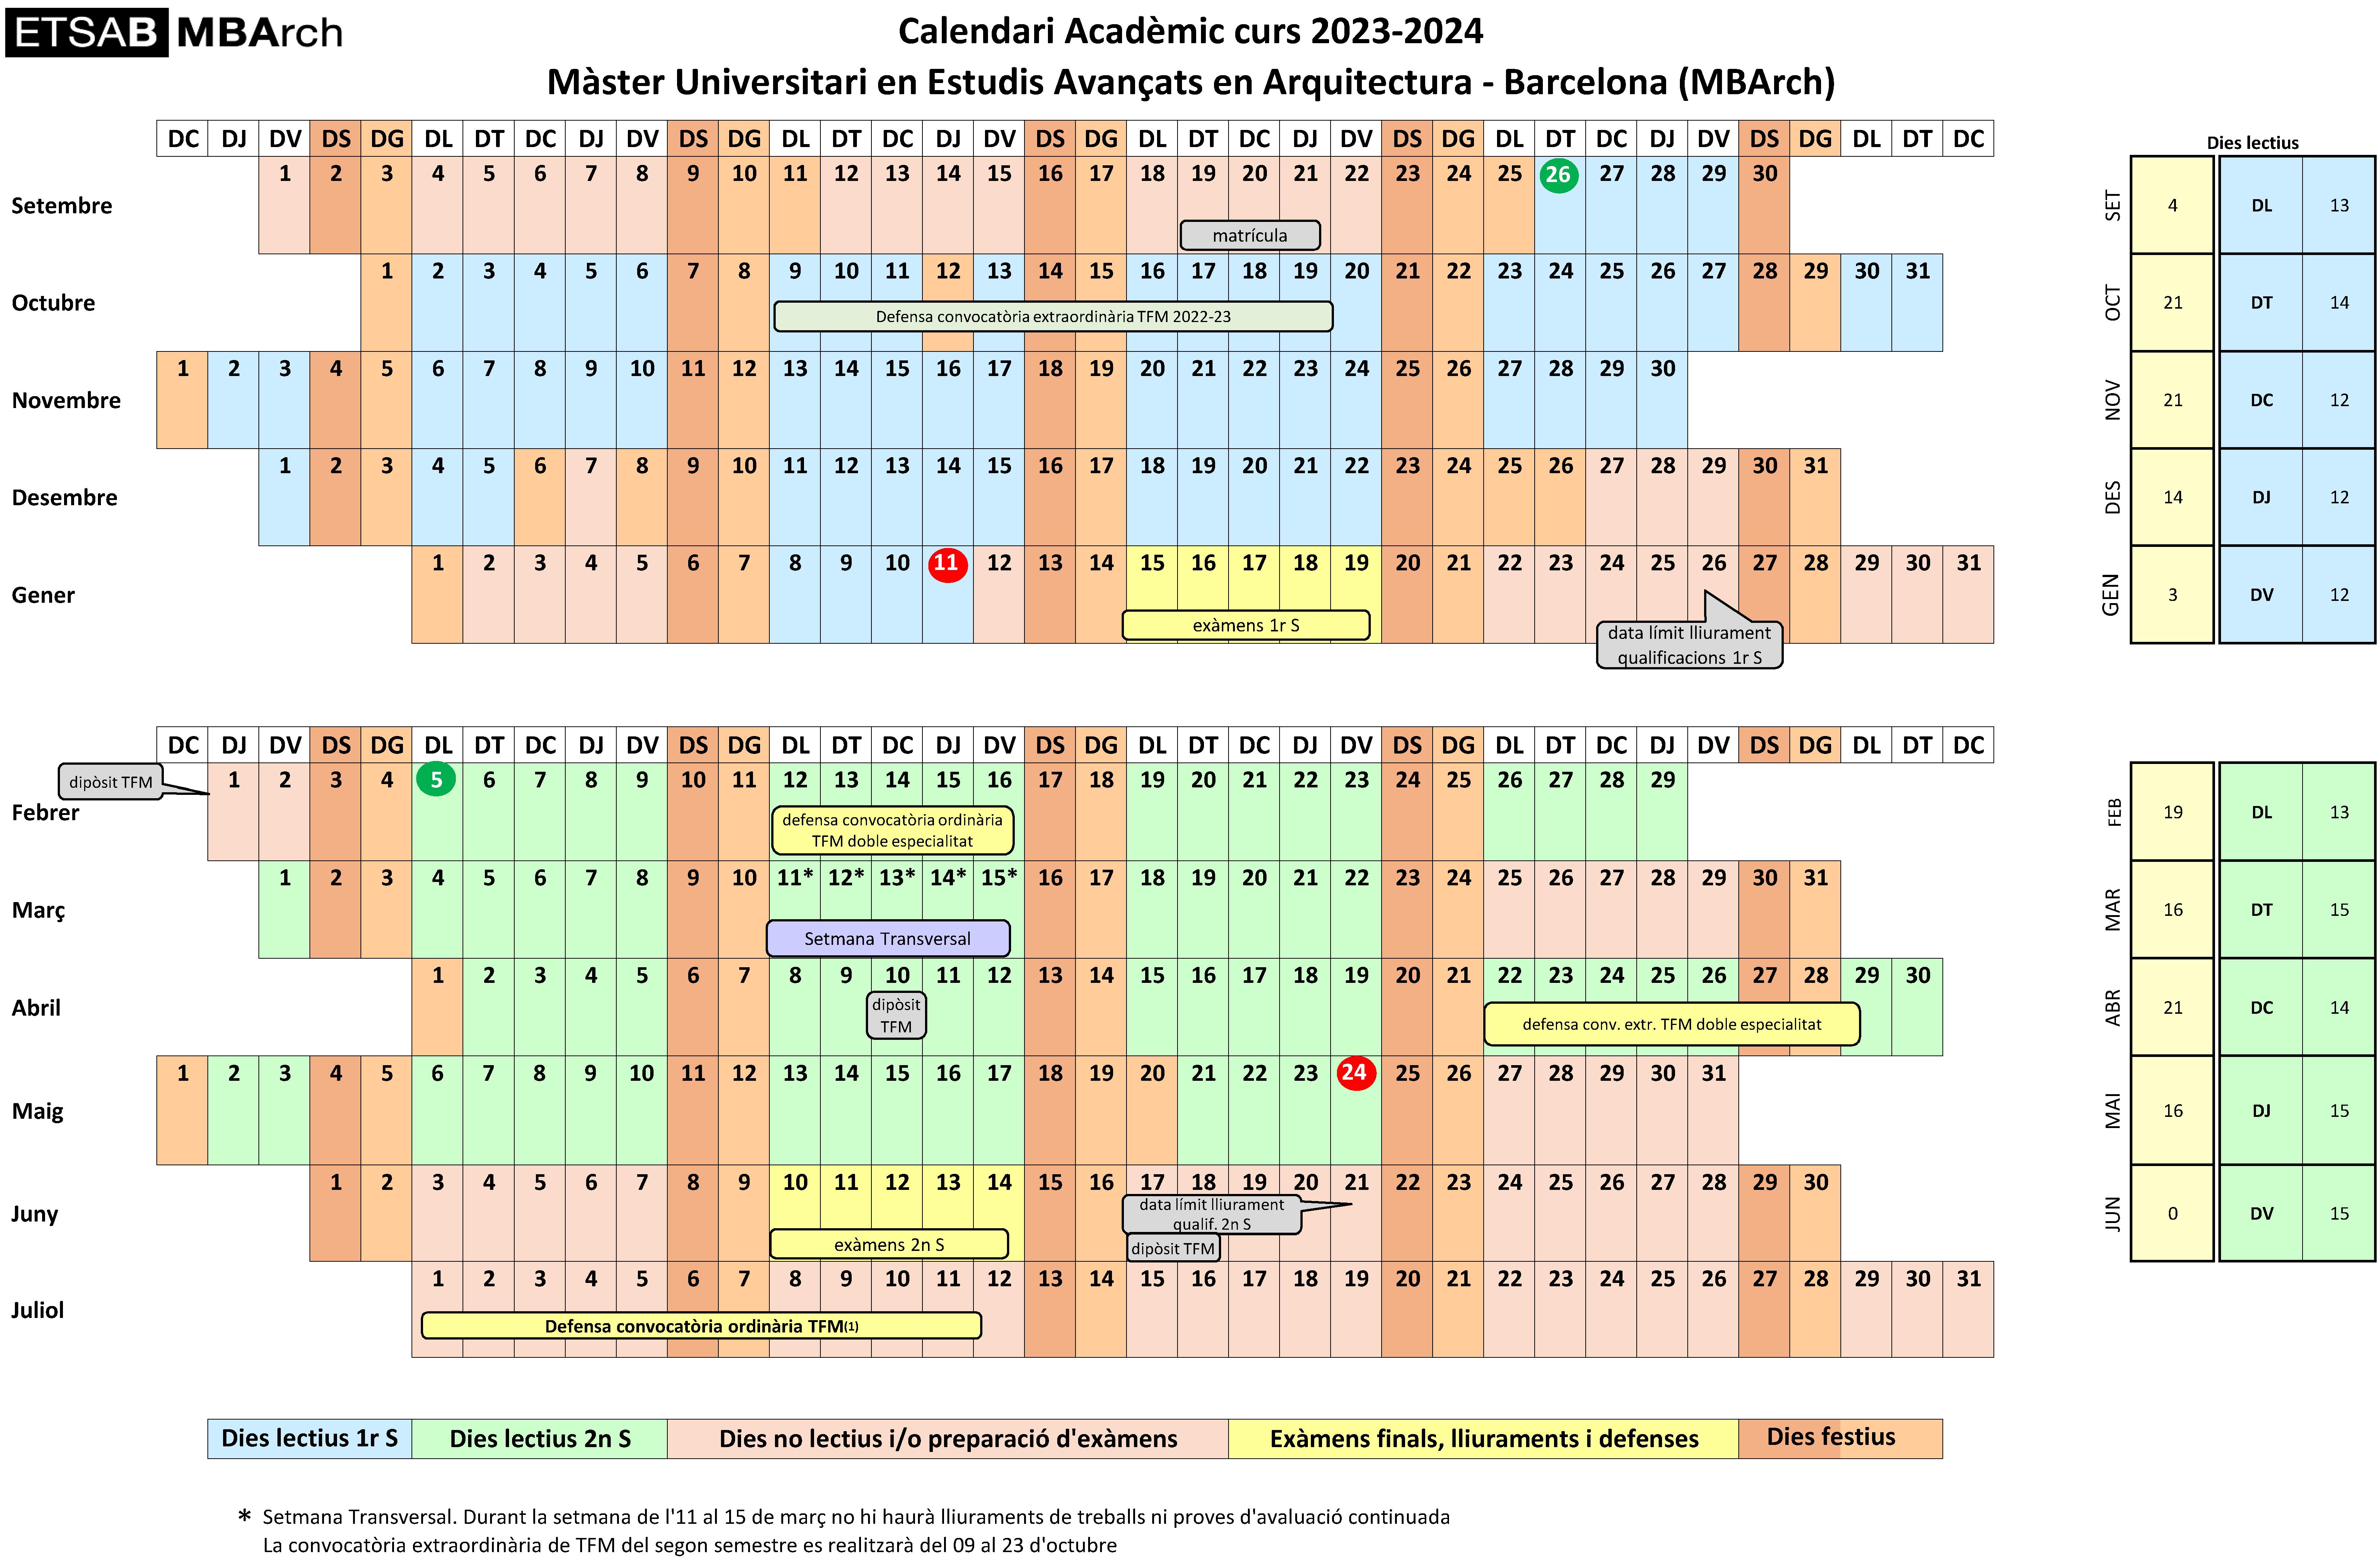 calendari mbarch 2020_21